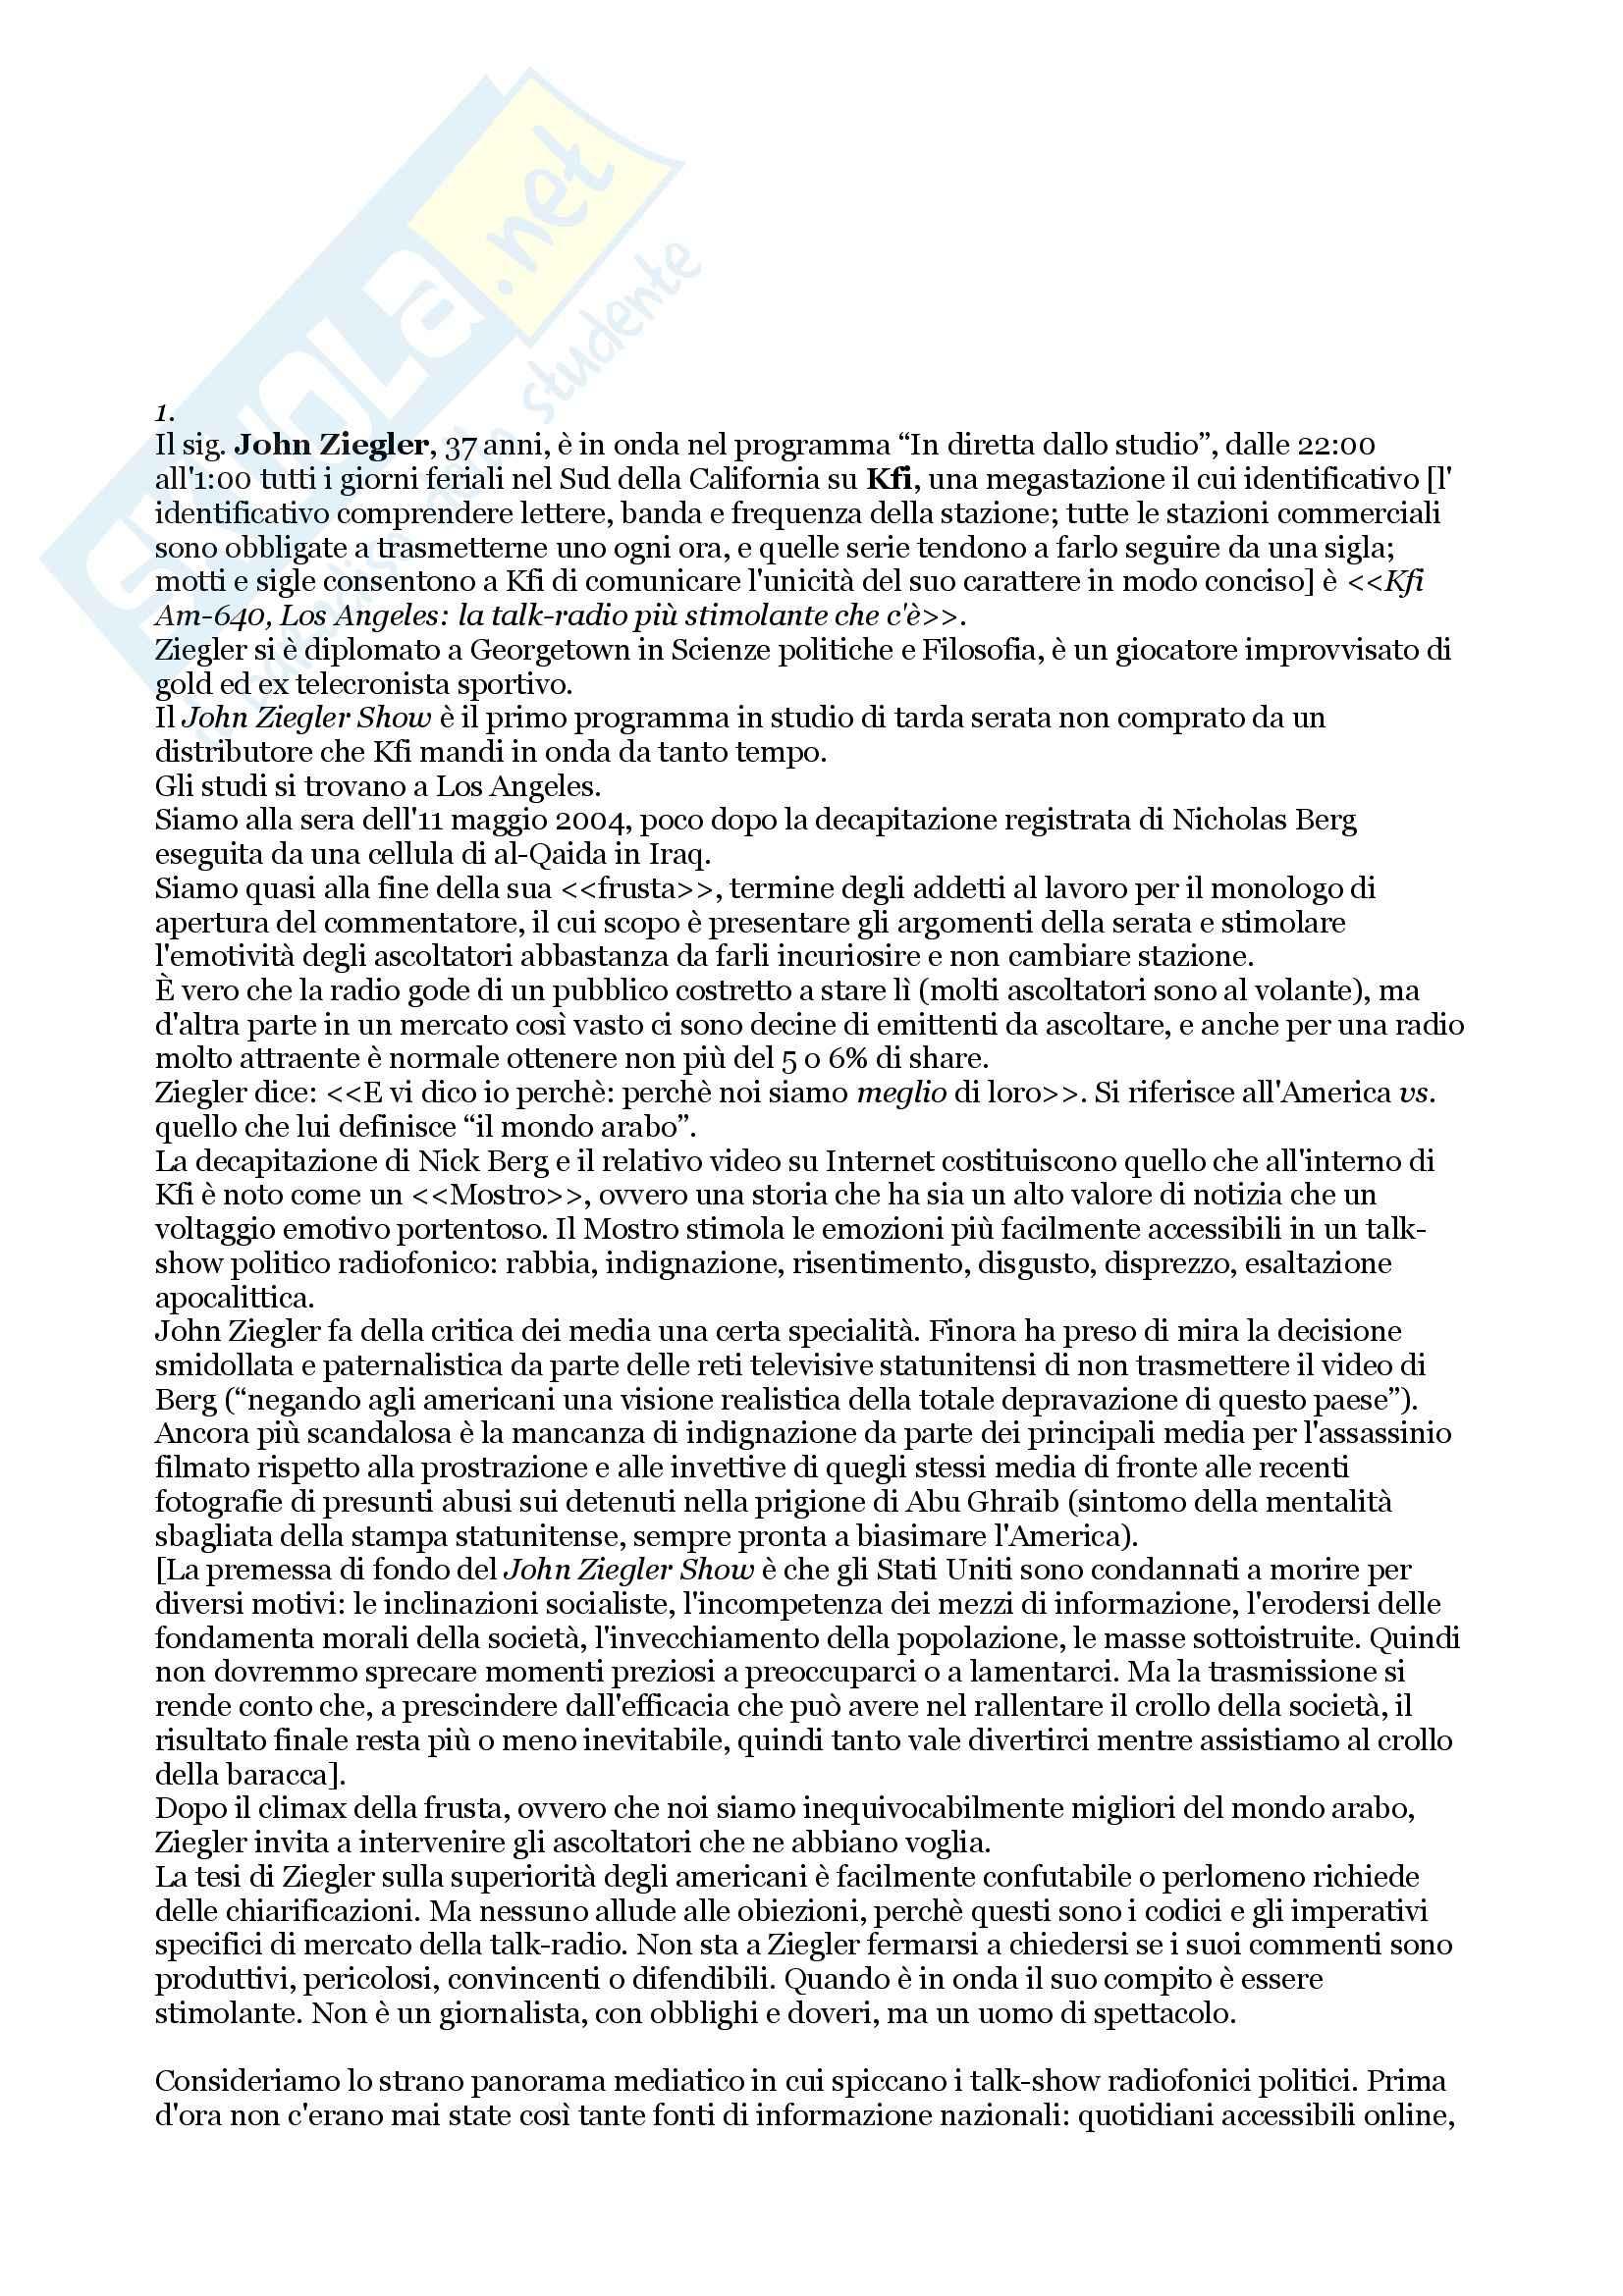 Riassunto esame Comunicazione Radiofonica, il, prof. Bonini, libro consigliato Commentatore, Saggio contenuto in Considera l'aragosta, Wallace